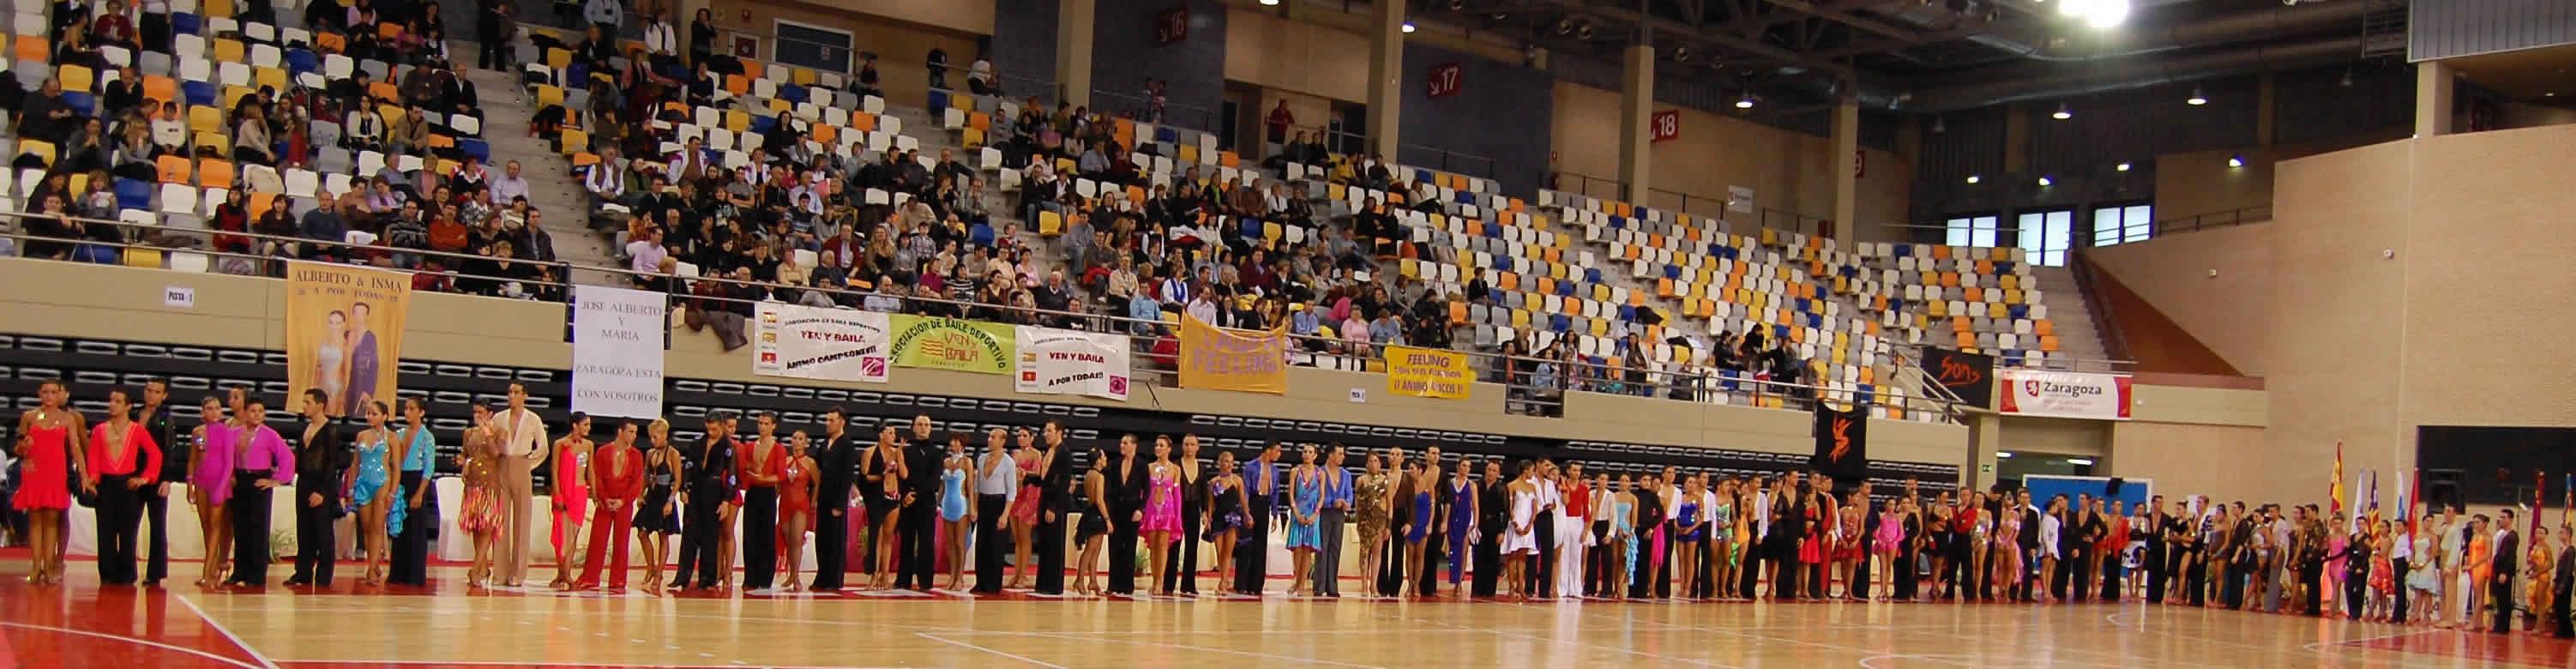 CAMPEONATO DE ESPAÑA 10 BAILES 2008